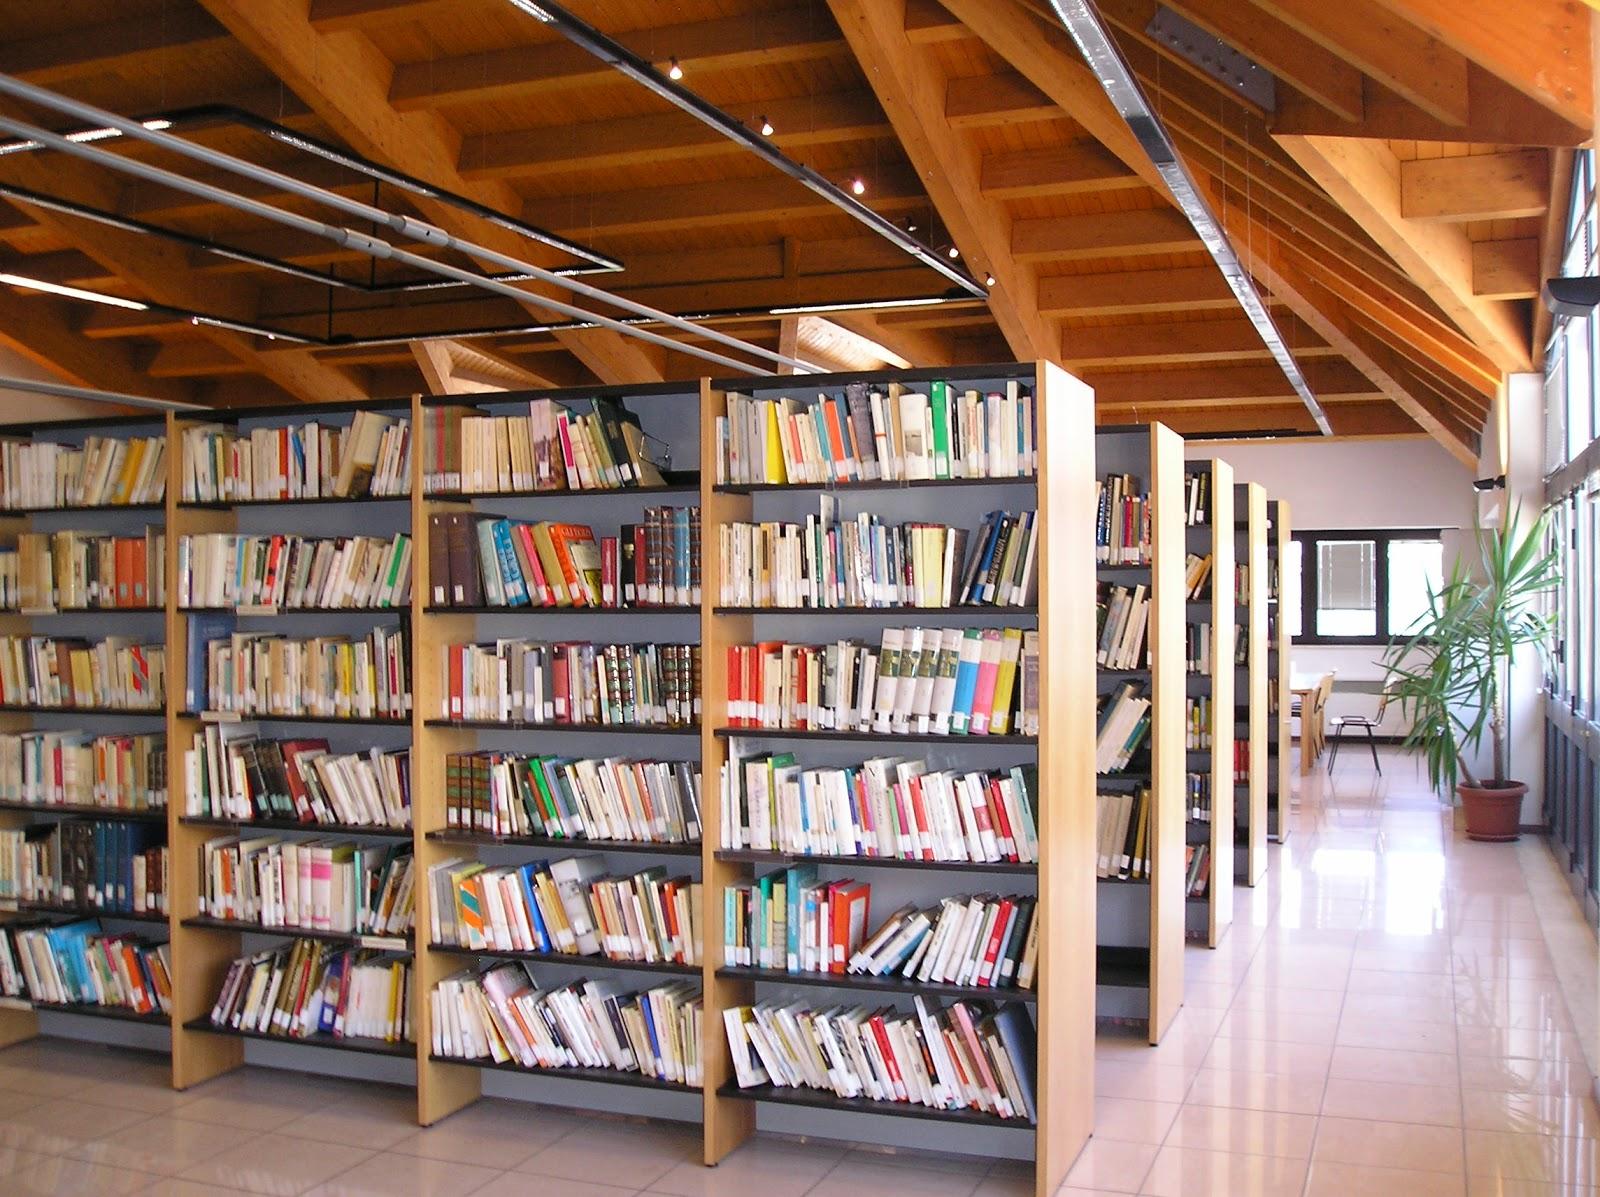 Parole informatiche libreria for Arredi per biblioteche